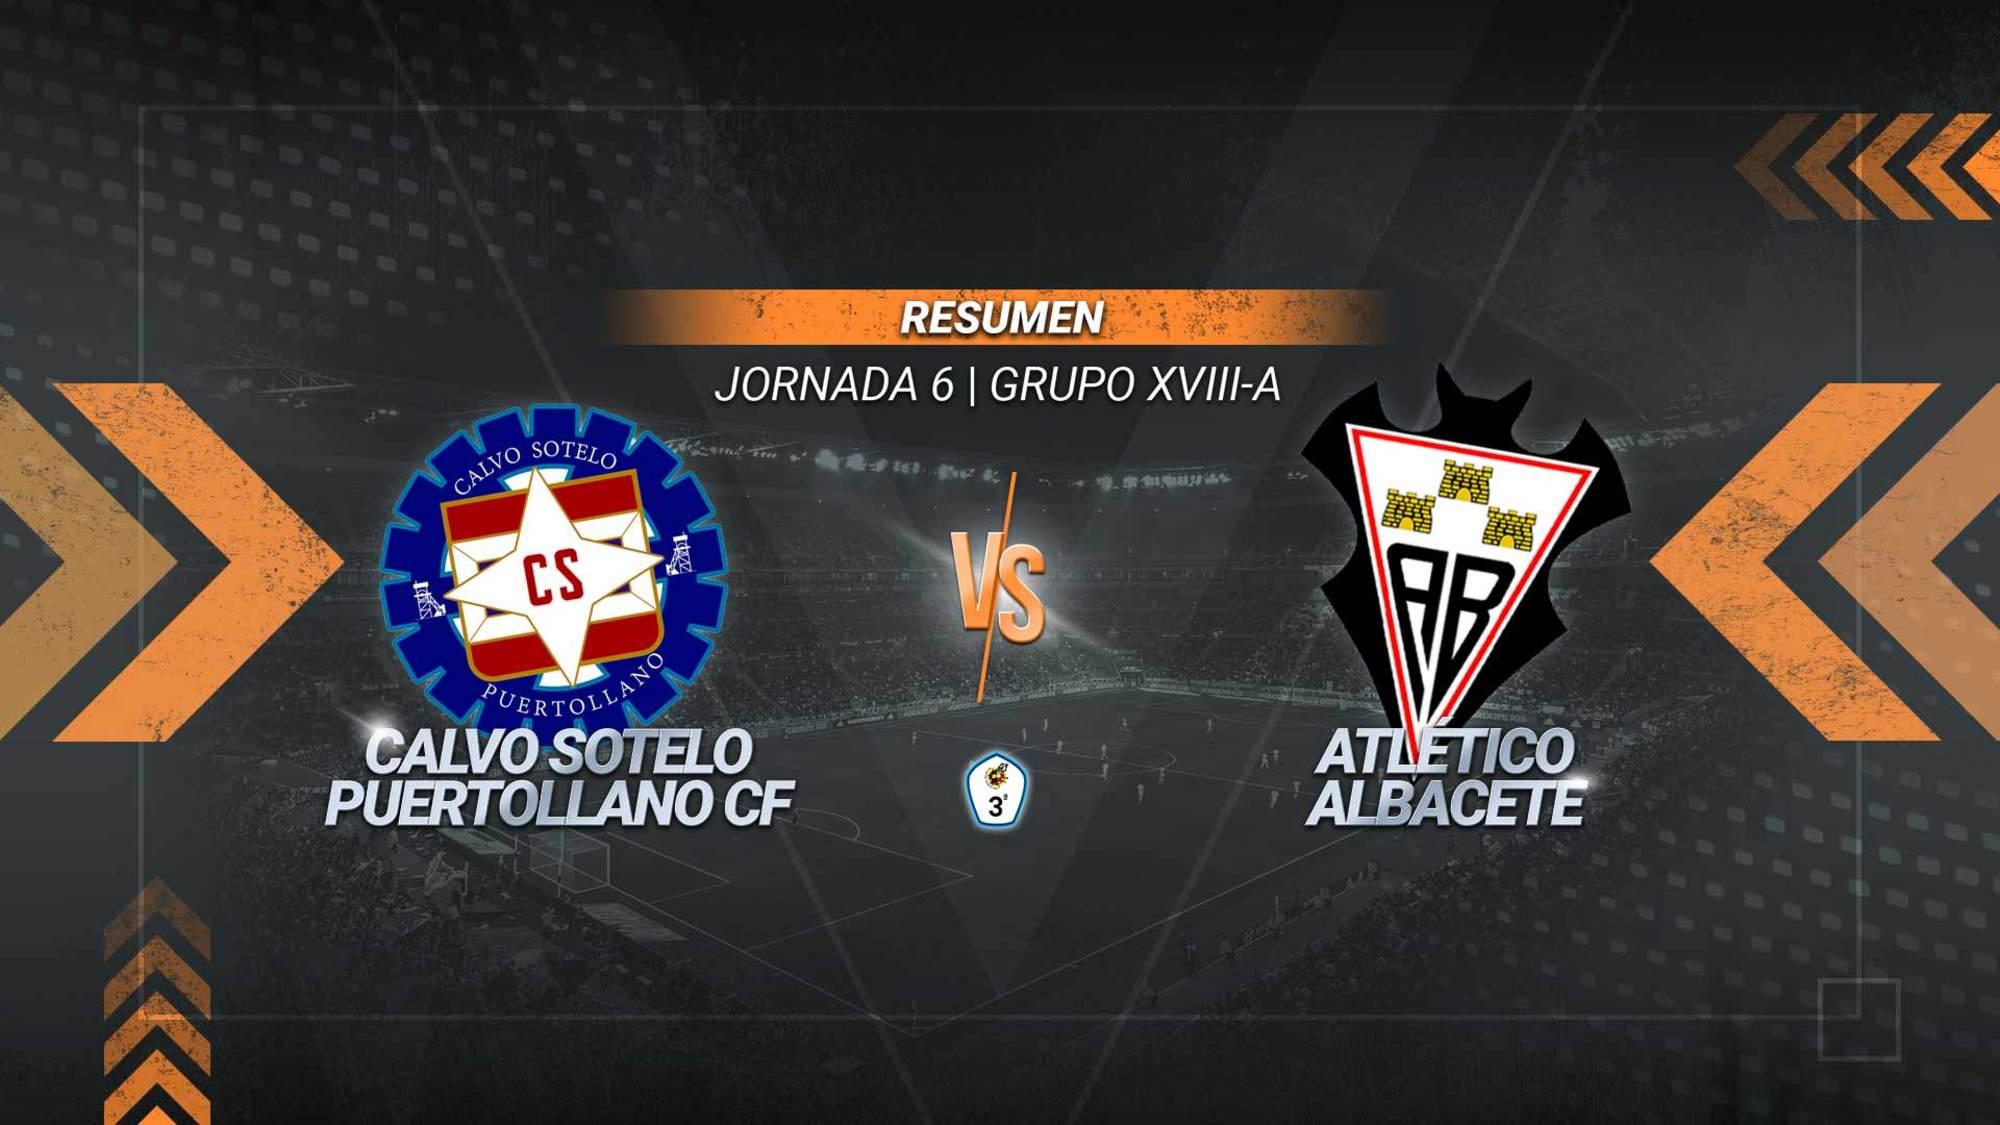 Un gol de Iván Limón da al Calvo Sotelo la segunda victoria de la temporada. Los industriales alcanzan los ocho puntos ante un filial albaceteño que cosecha la segunda derrota seguida, aunque continúa con nueve puntos.